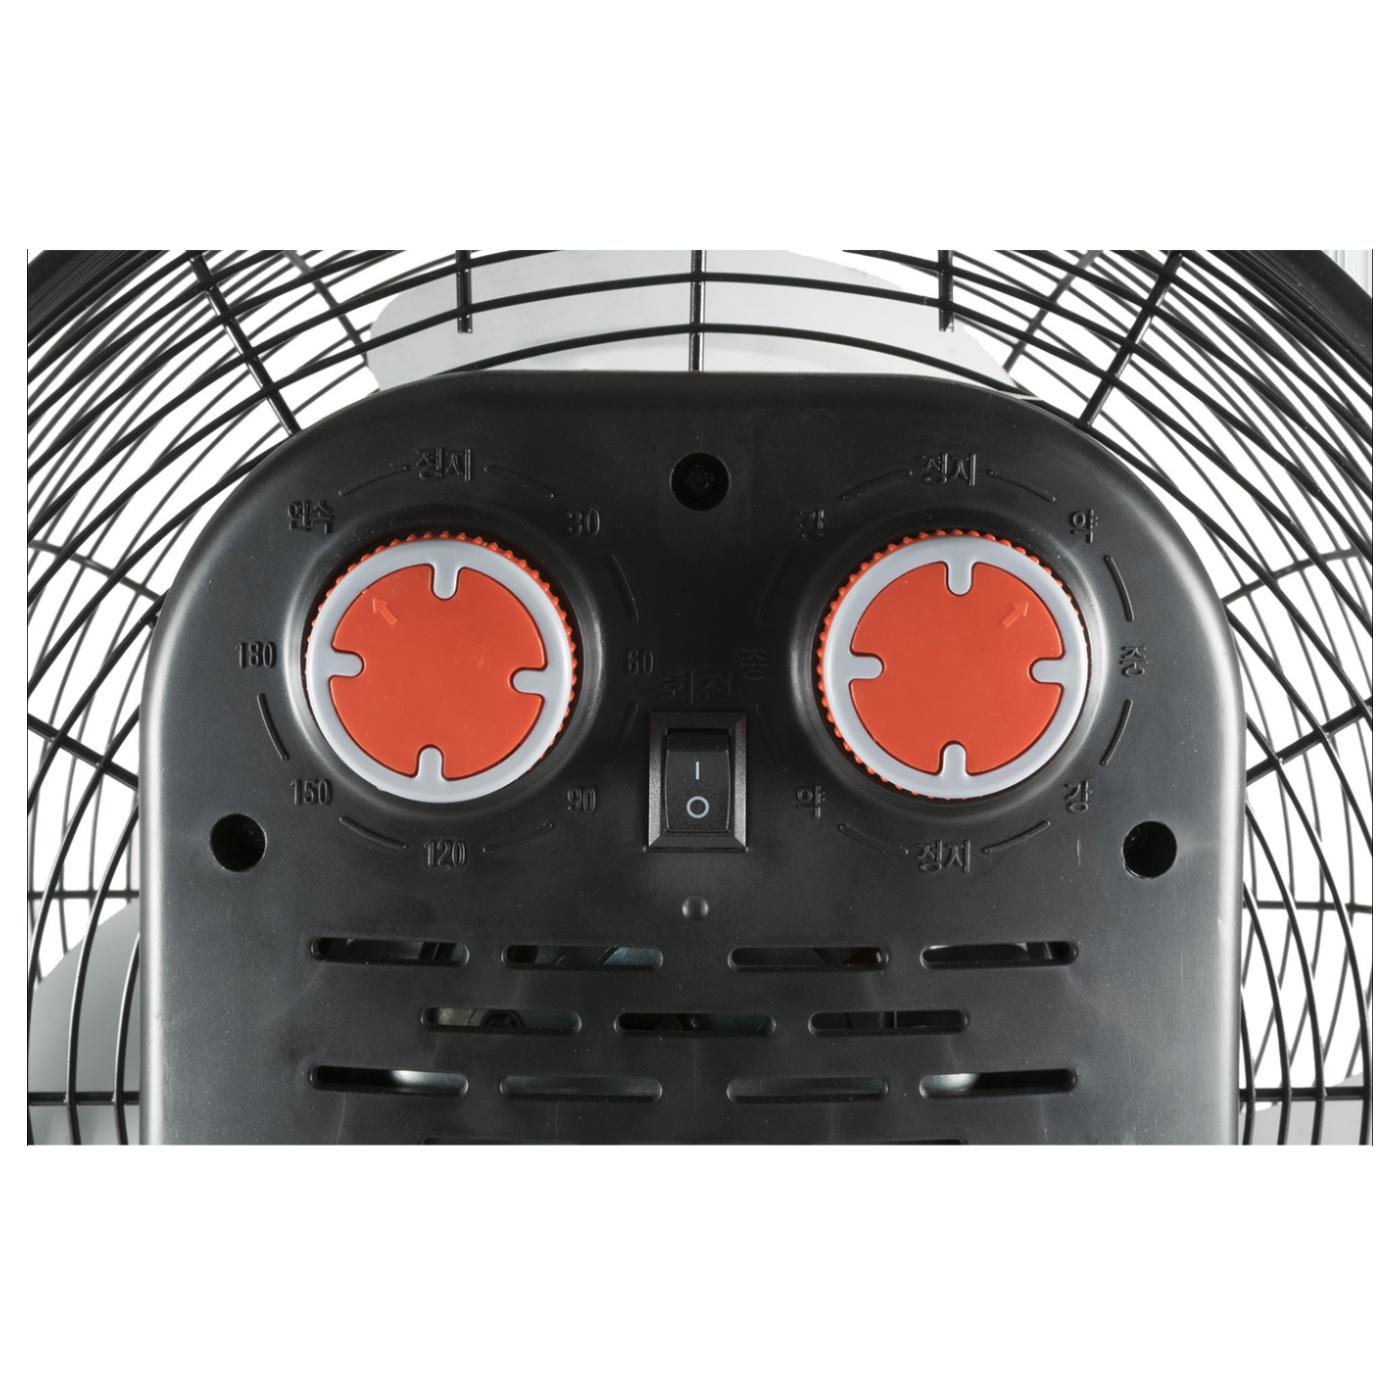 Ventilator podni, promjer 40cm, 50W, oscilacija